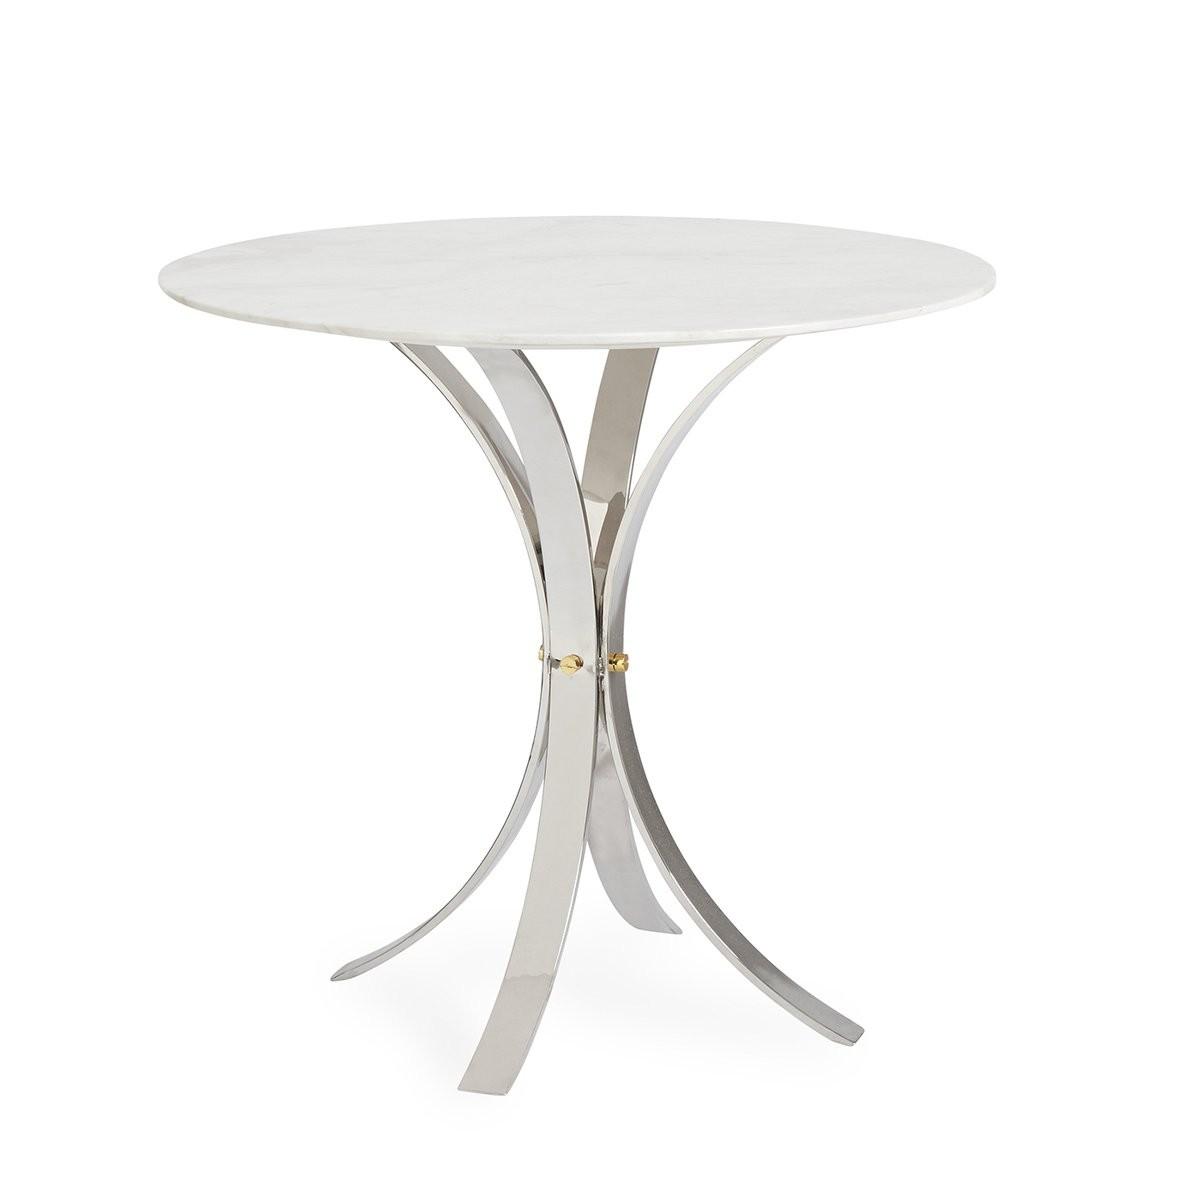 Jonathan Adler I Electrum Cafe Table